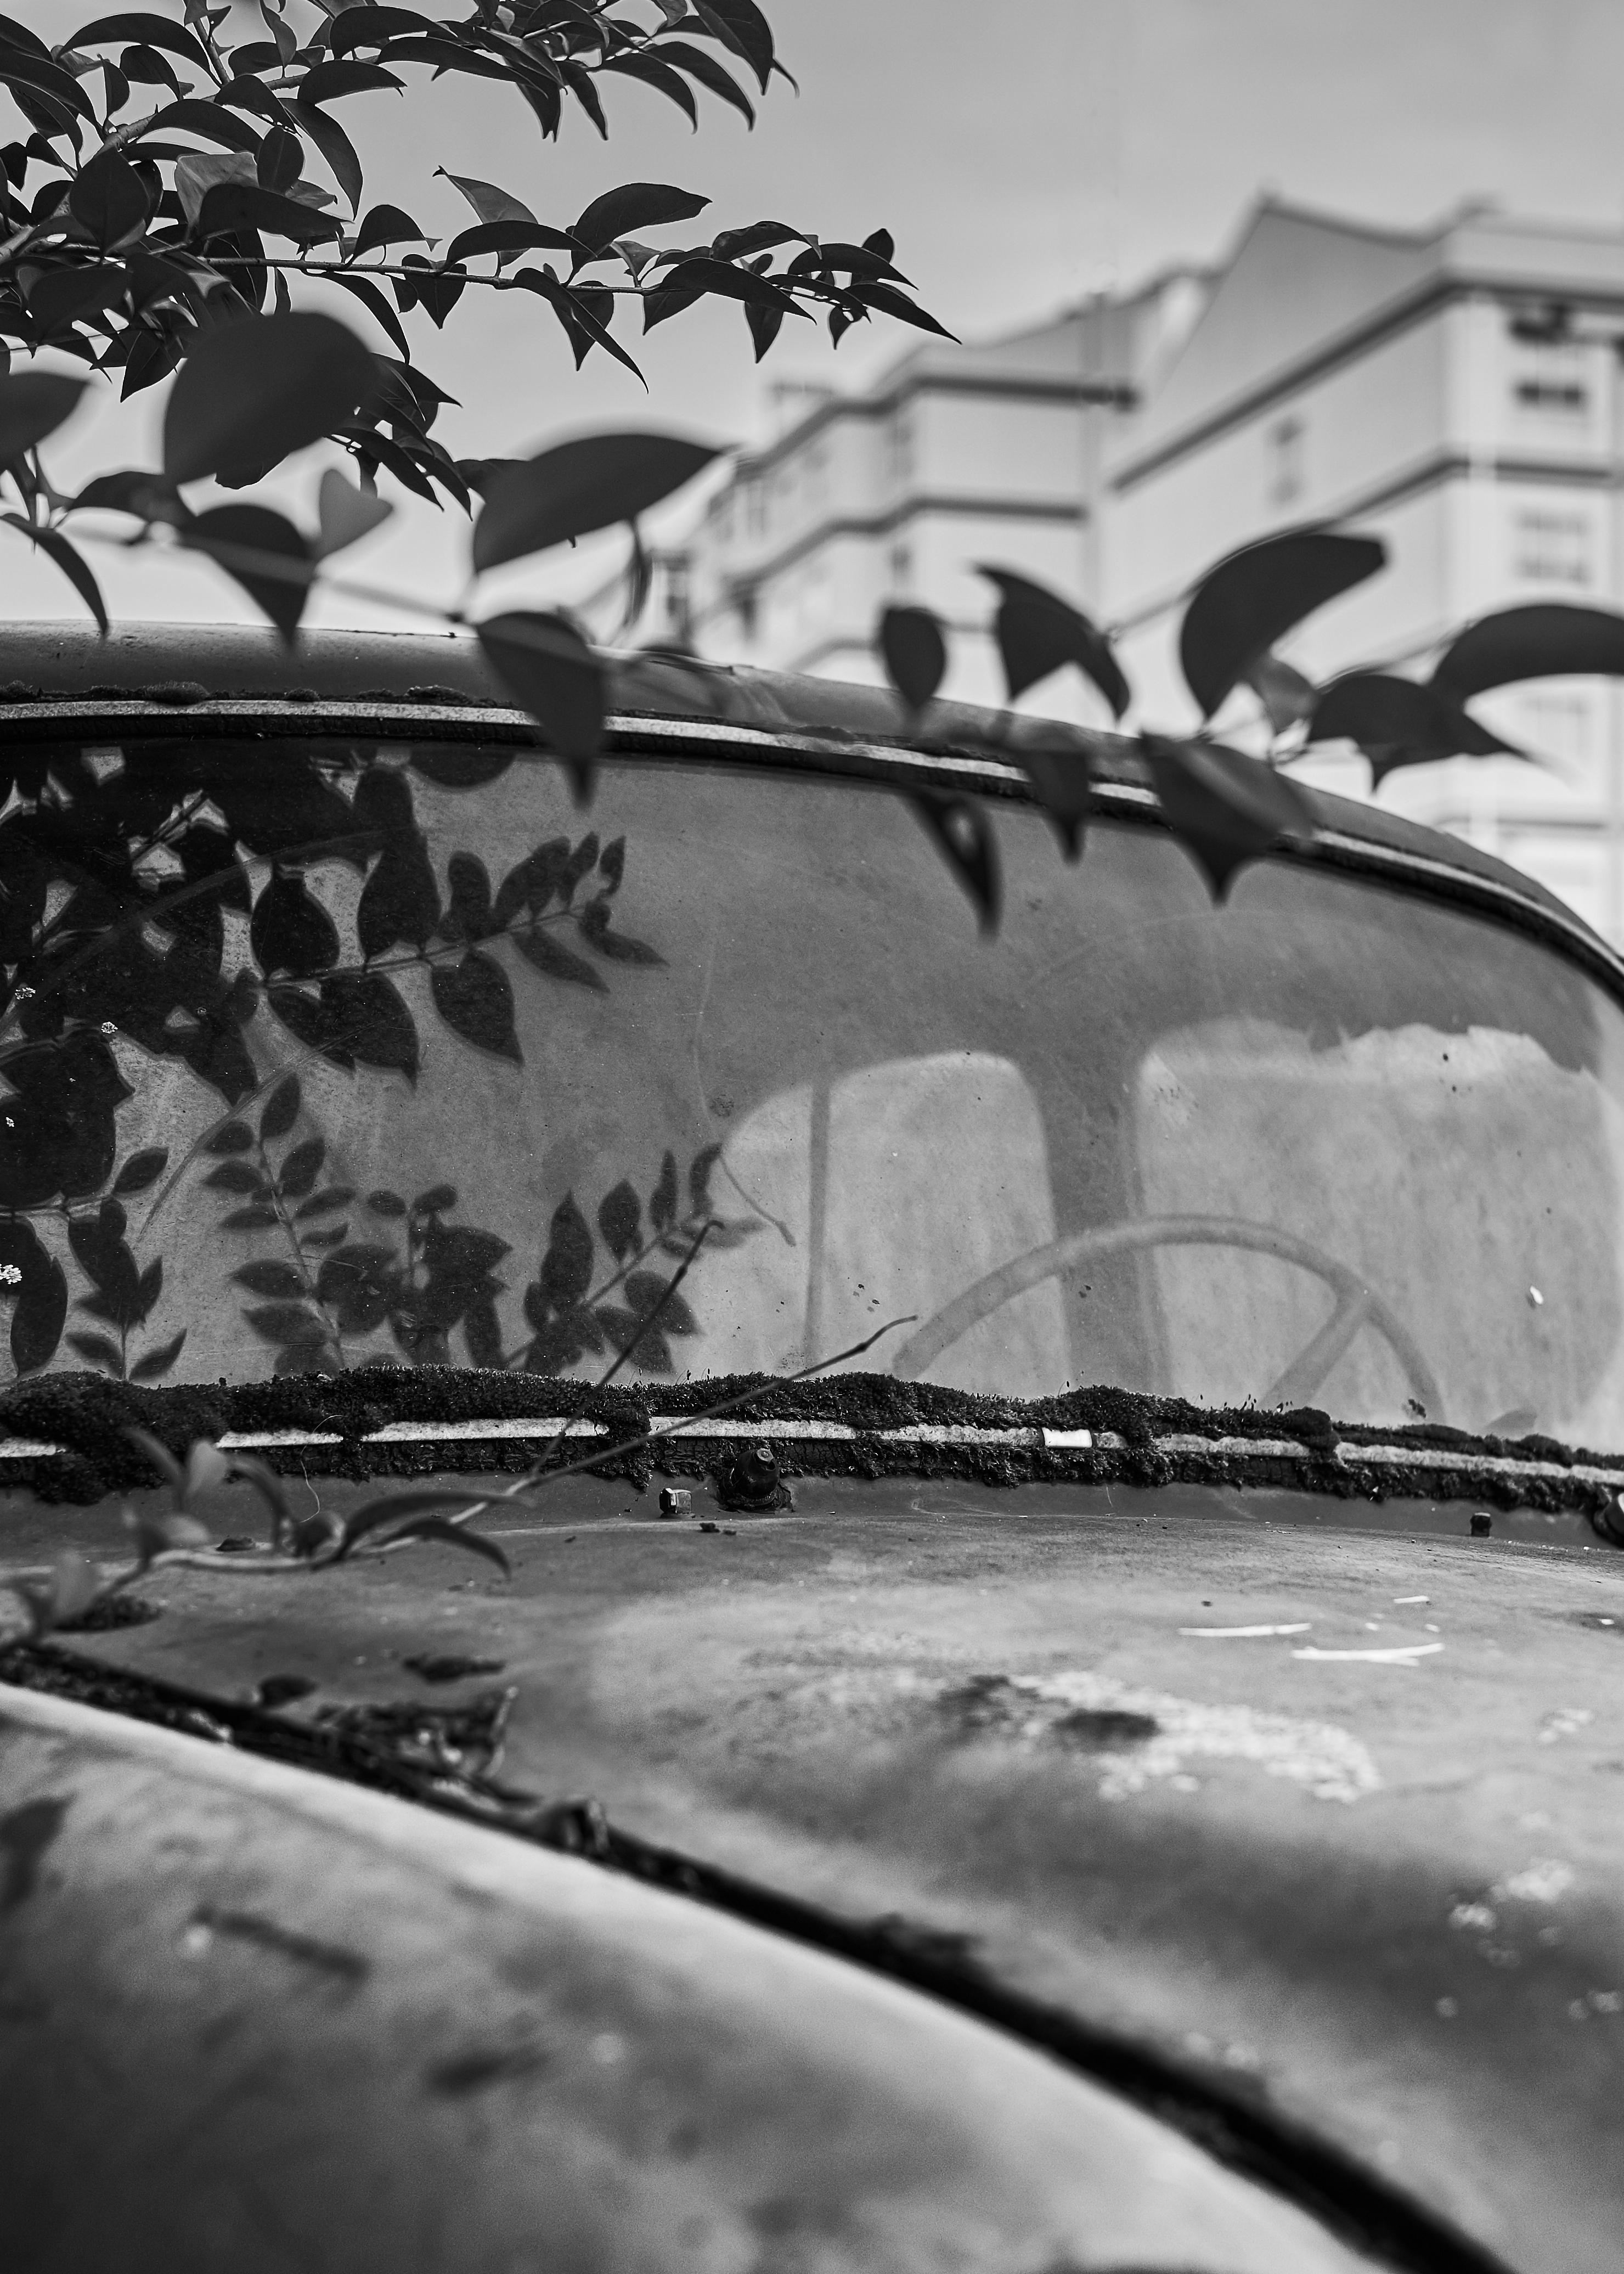 The Overgrown Car